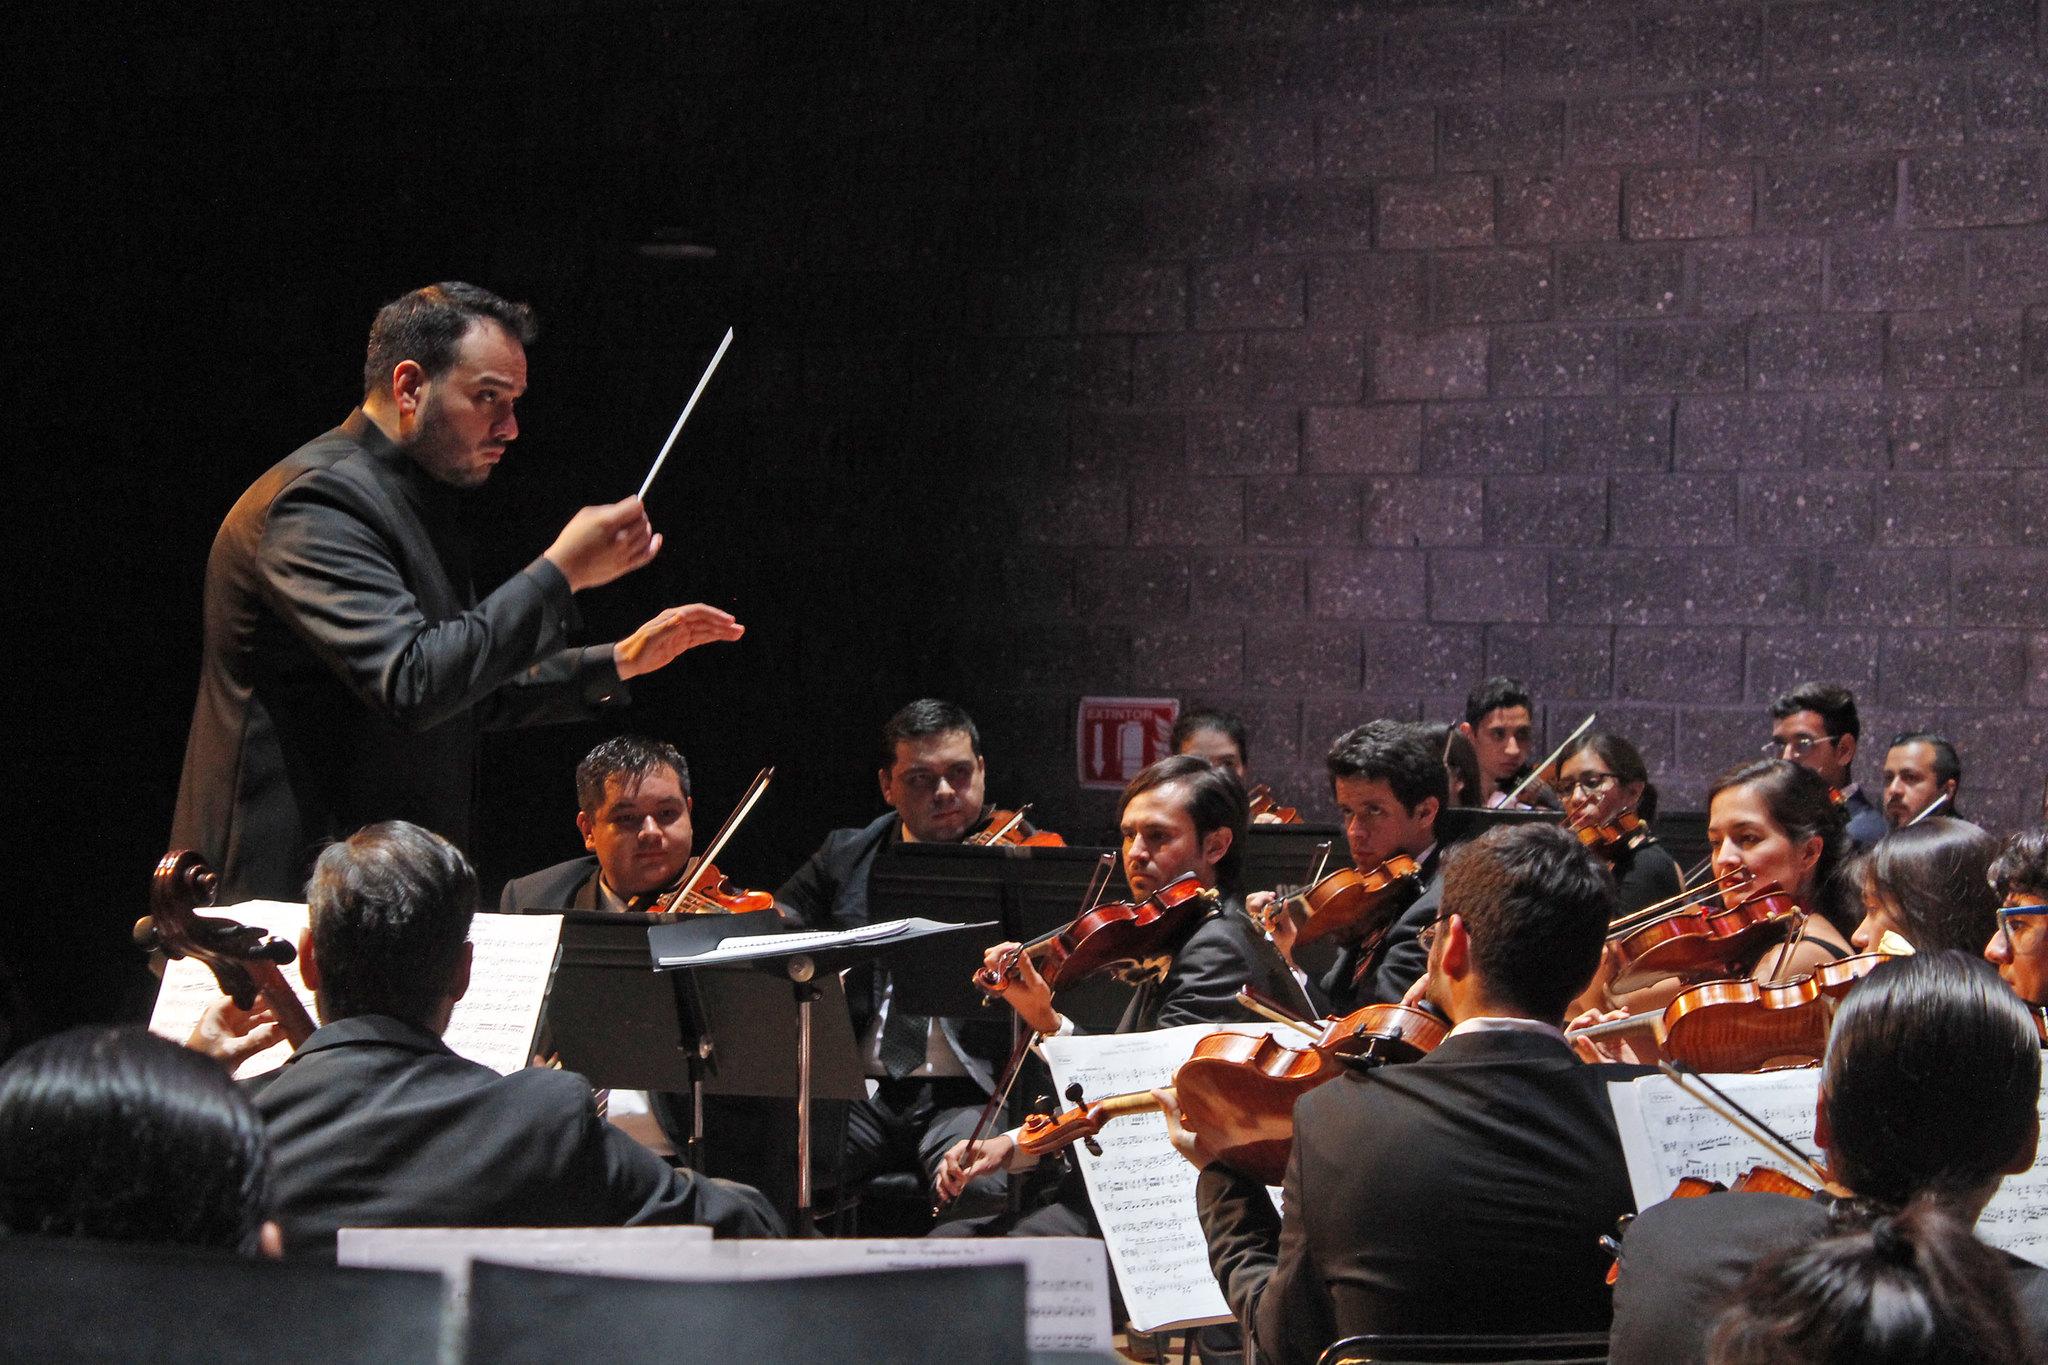 Presenta la Orquesta Sinfónica Juvenil de Zapopan concierto junto a Fernando Saint Martin